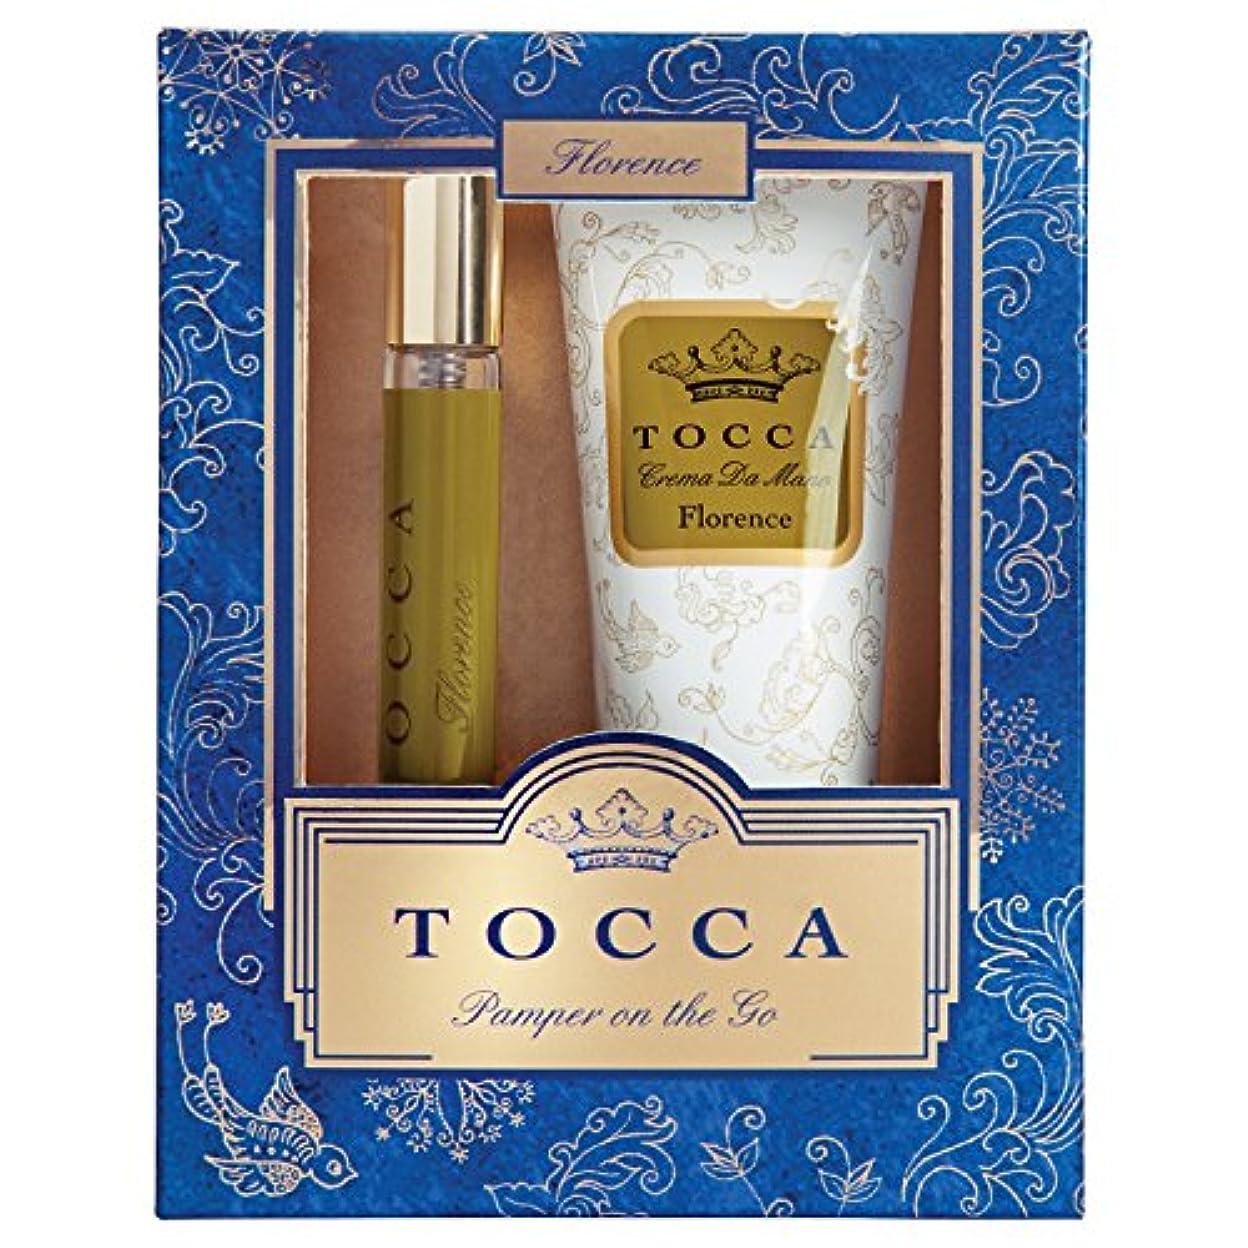 潤滑するカレッジケニアトッカ(TOCCA) トラベルパンパーセットギルディッド フローレンスの香り (ハンドクリーム&香水、限定コフレ)